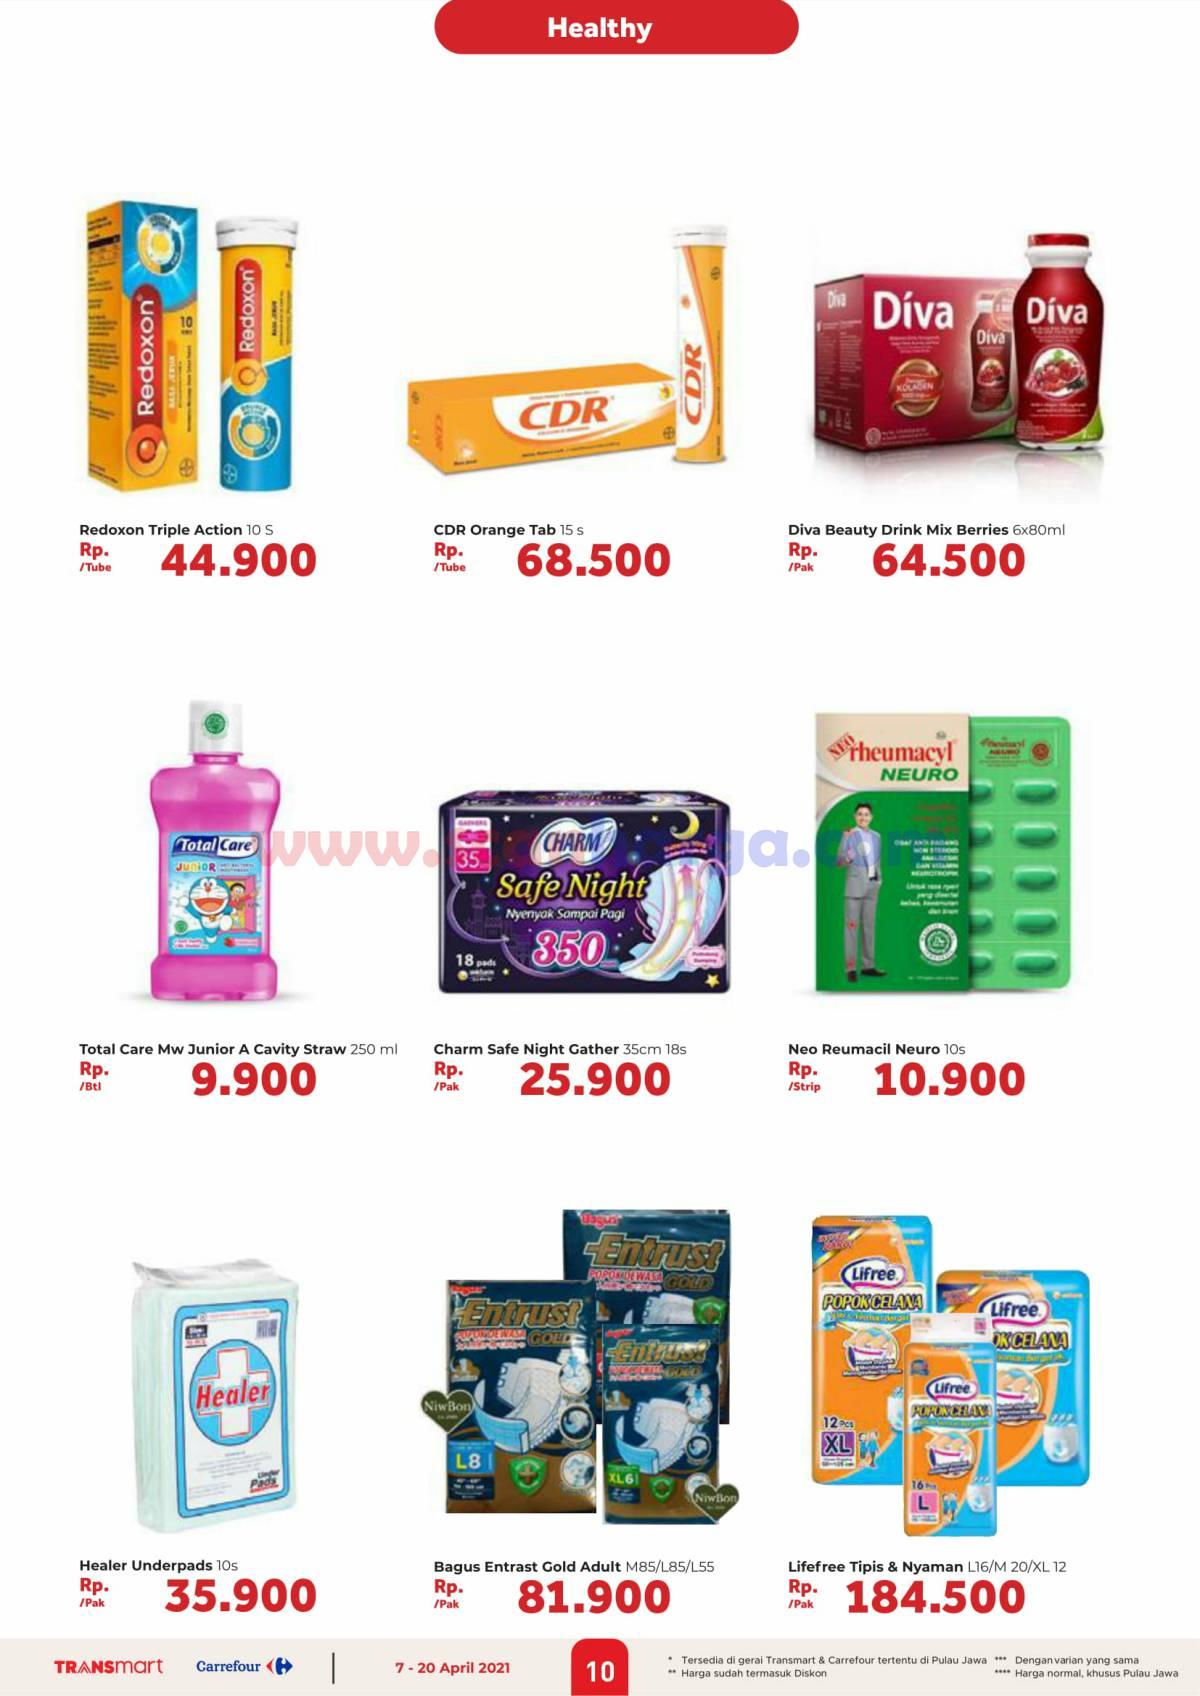 Katalog Promo Carrefour Transmart 7 - 20 April 2021 10